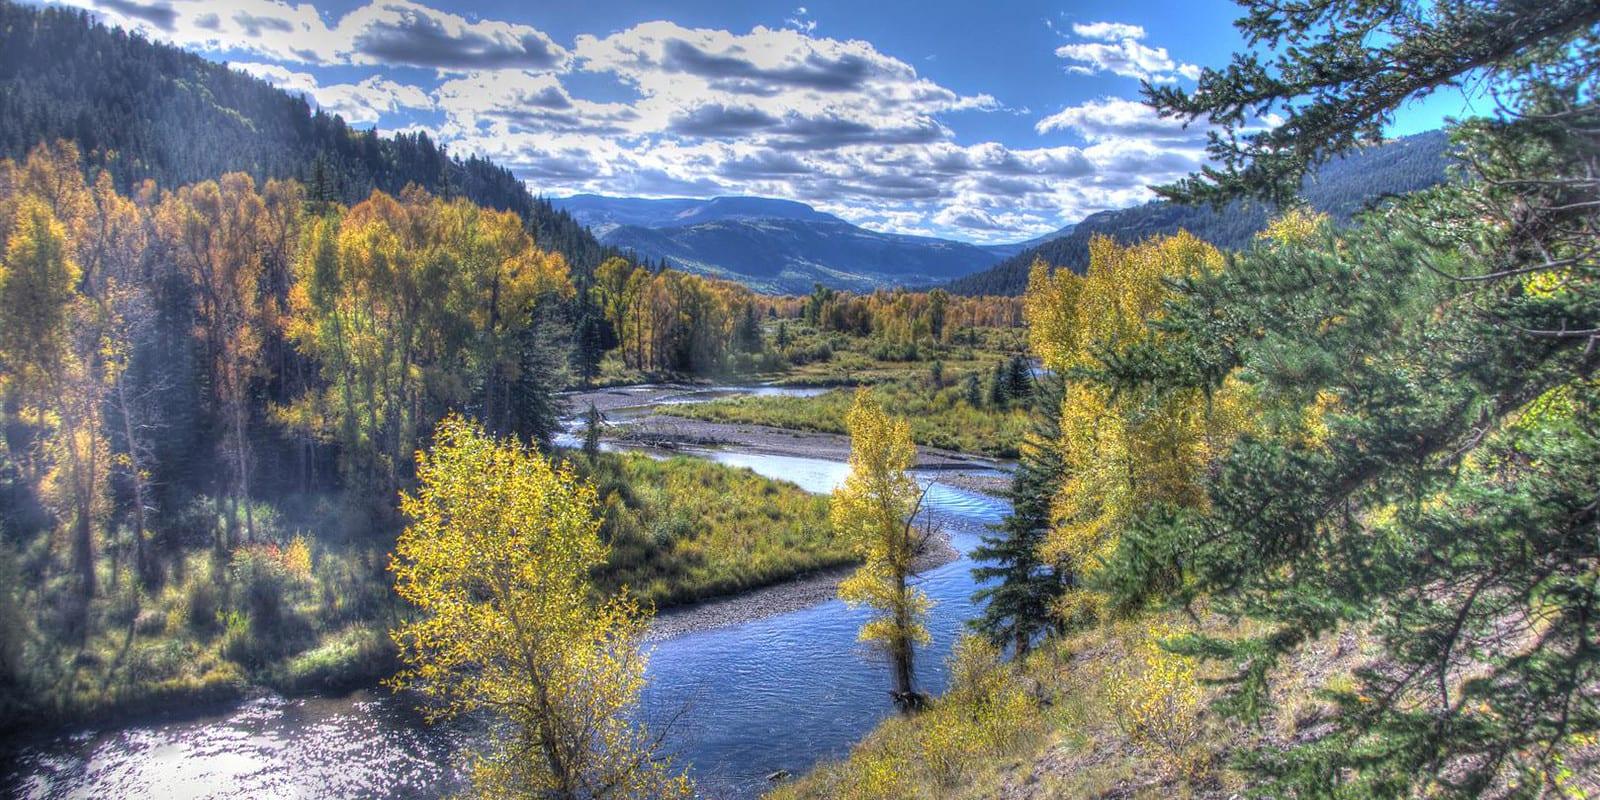 Image of the Conejos River in Colorado